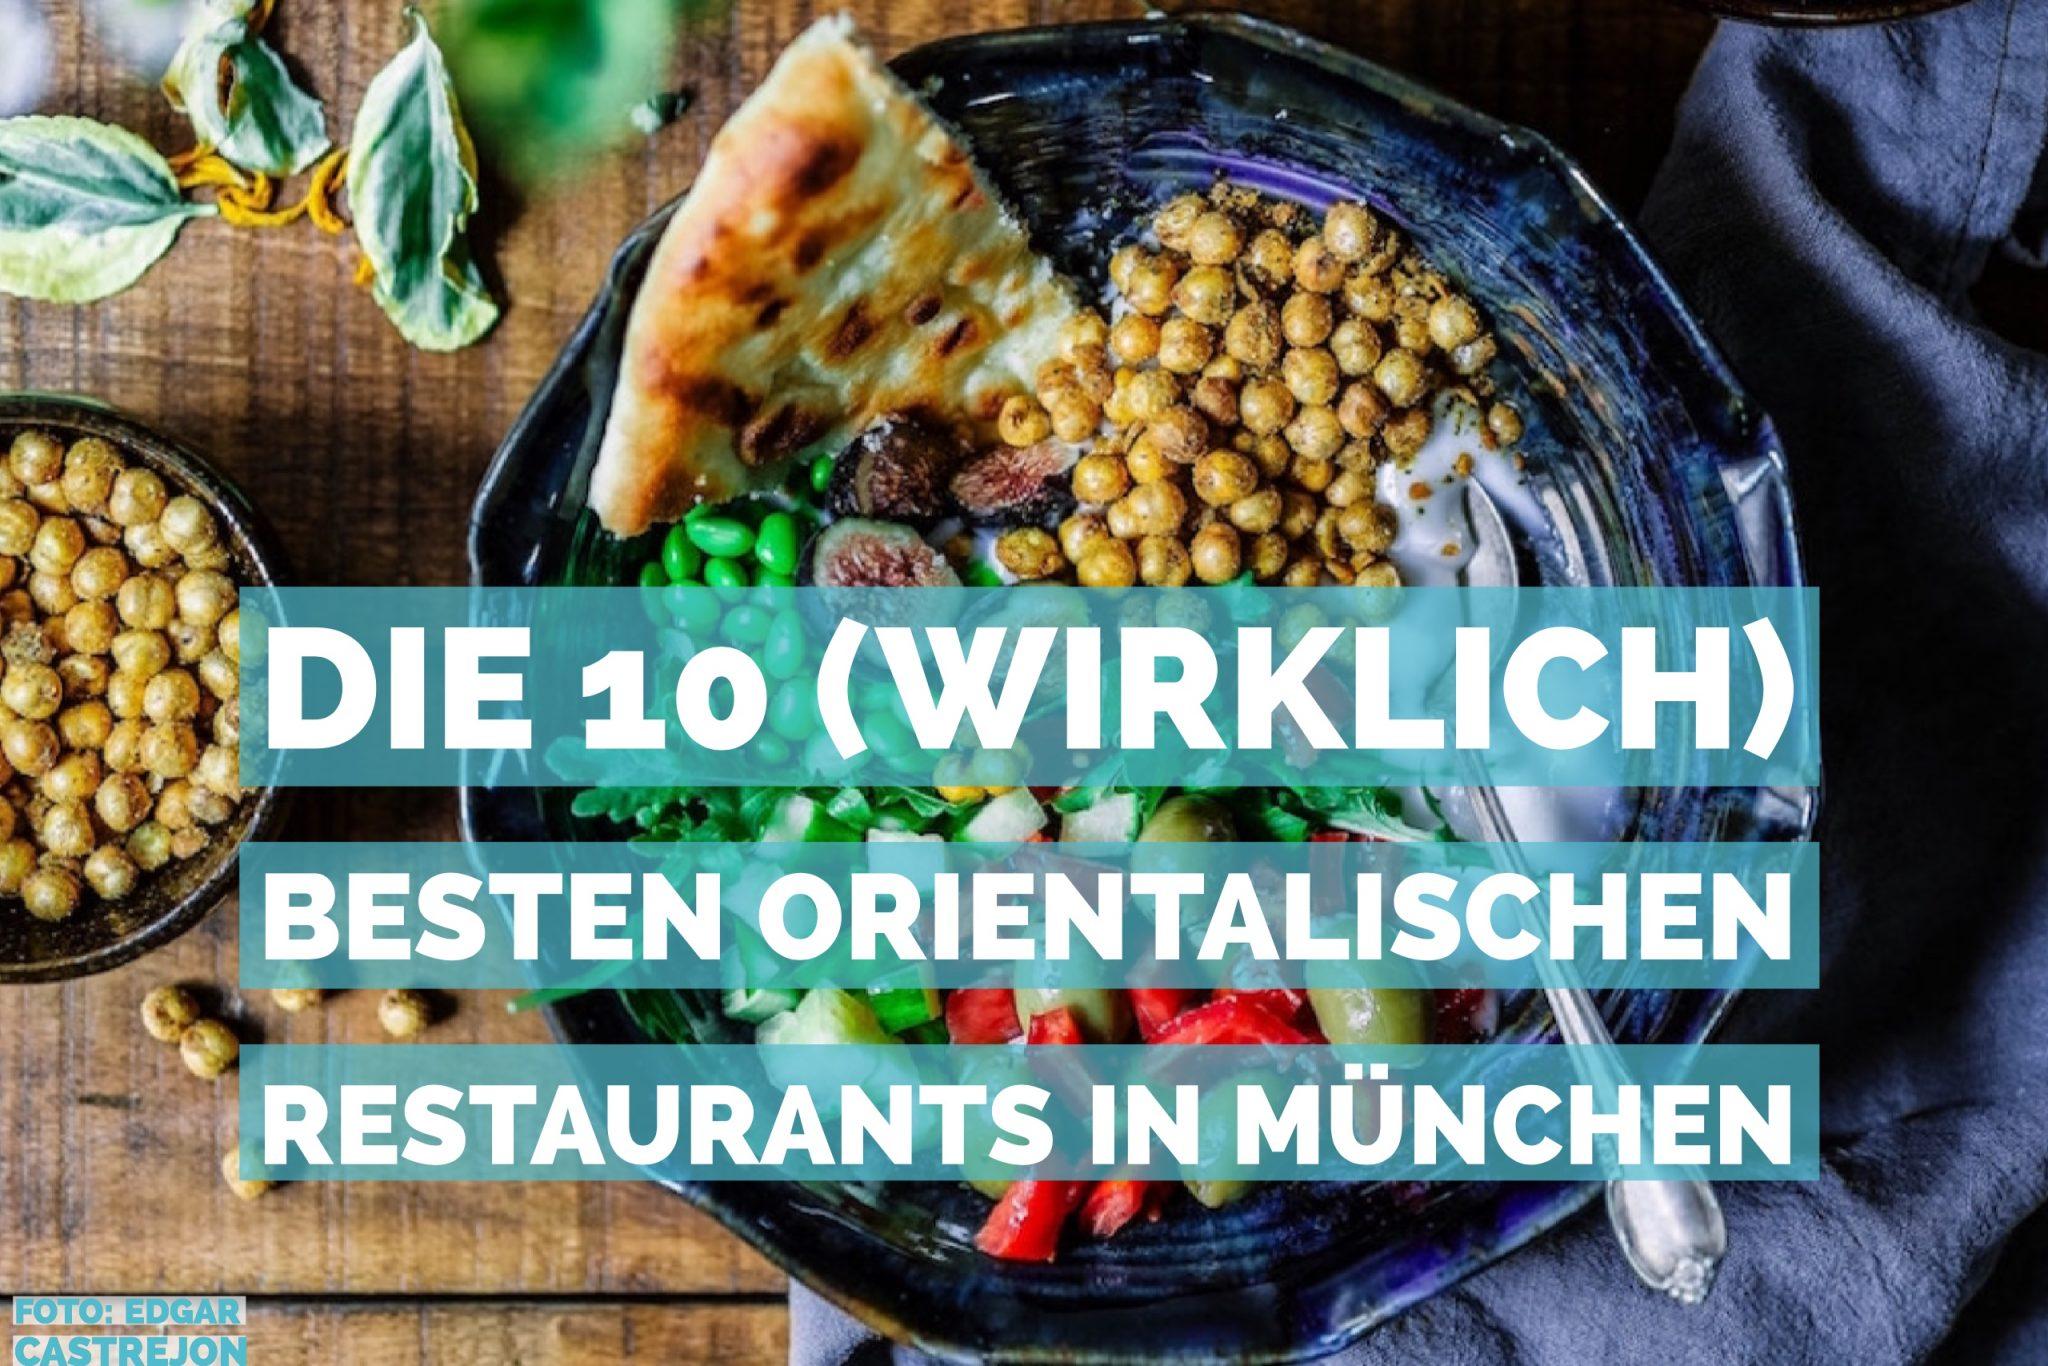 Die 10 (wirklich) besten orientalischen Restaurants in München